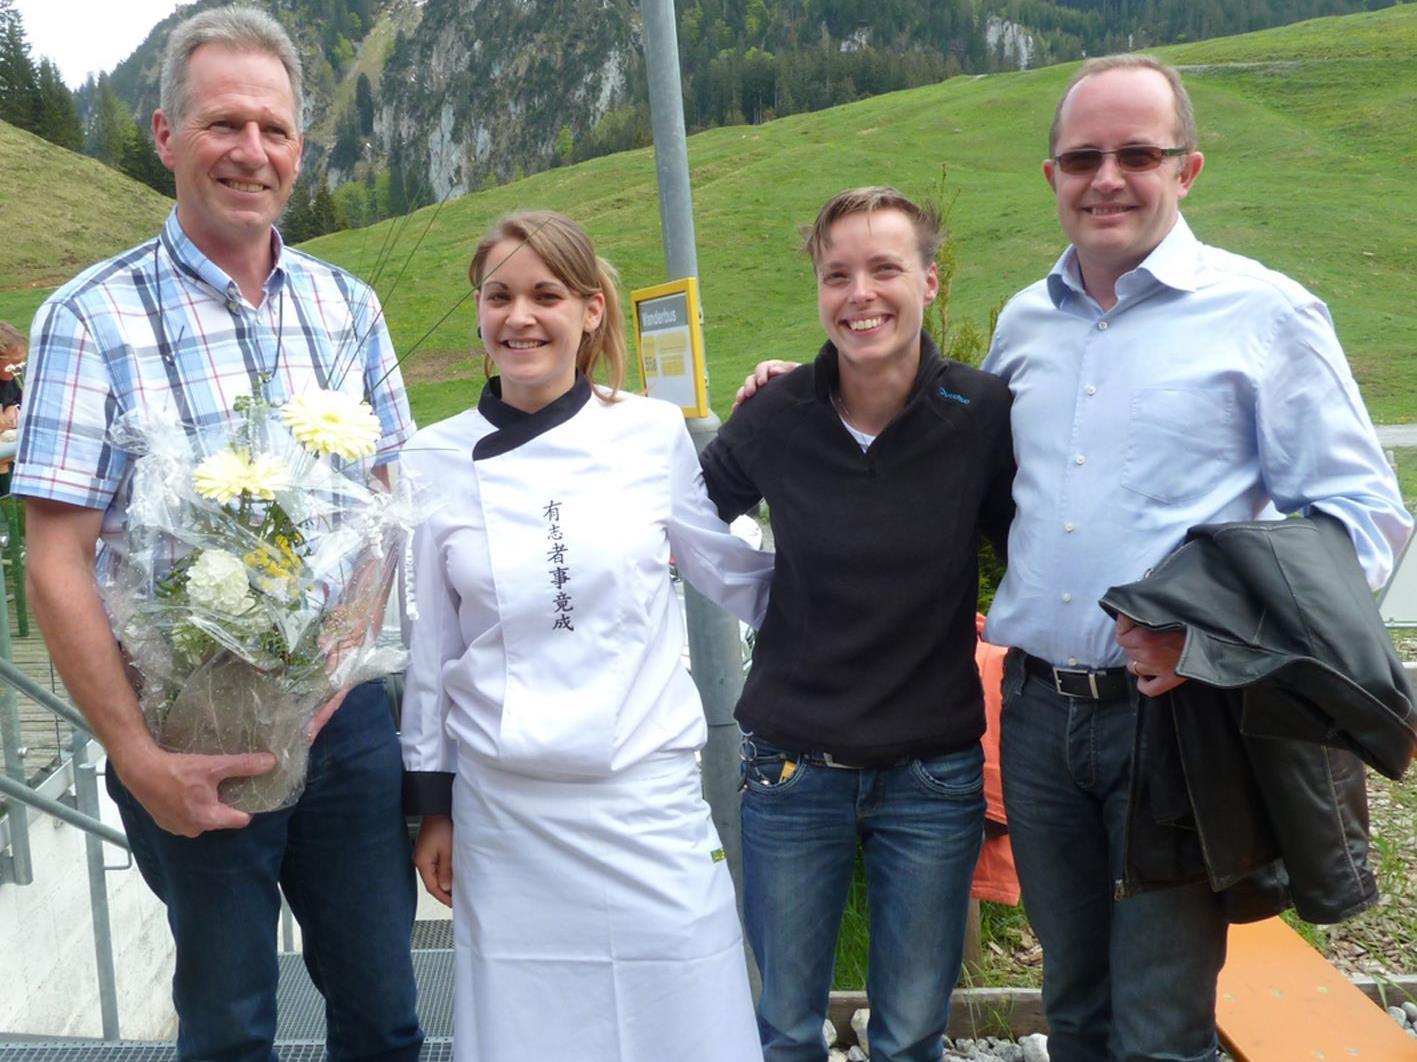 Bgm. Richard Amann und Str: Karl Dobler gratulierten  Alexandra Gorski und Tasja Eichel.